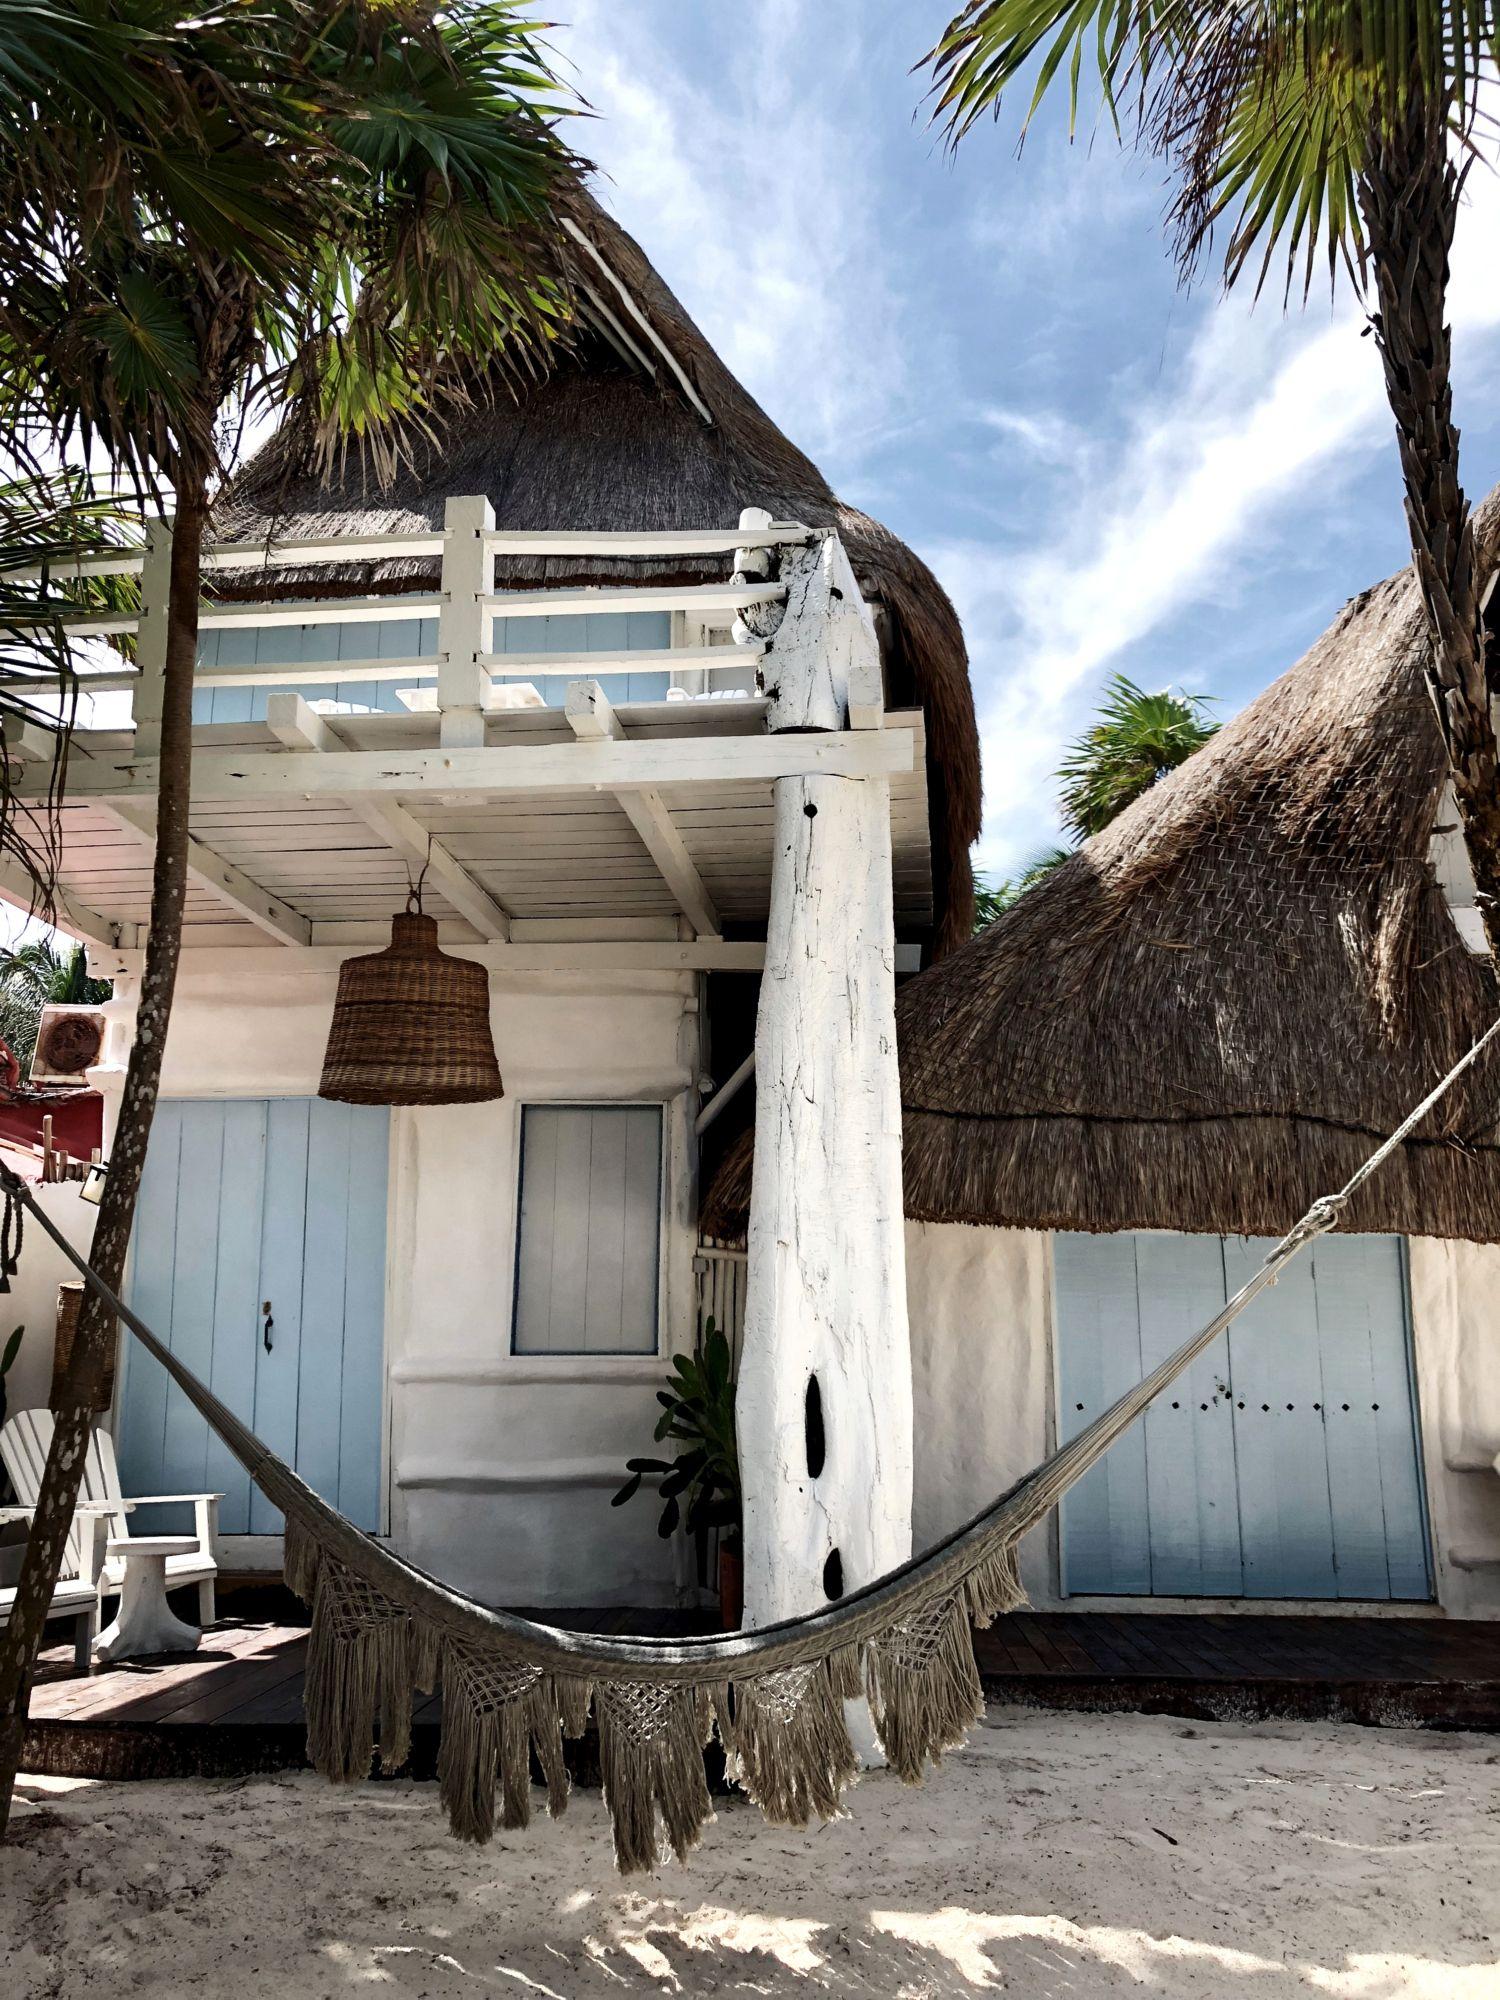 Sea View Bungalow Hotel Playa Mambo Tulum